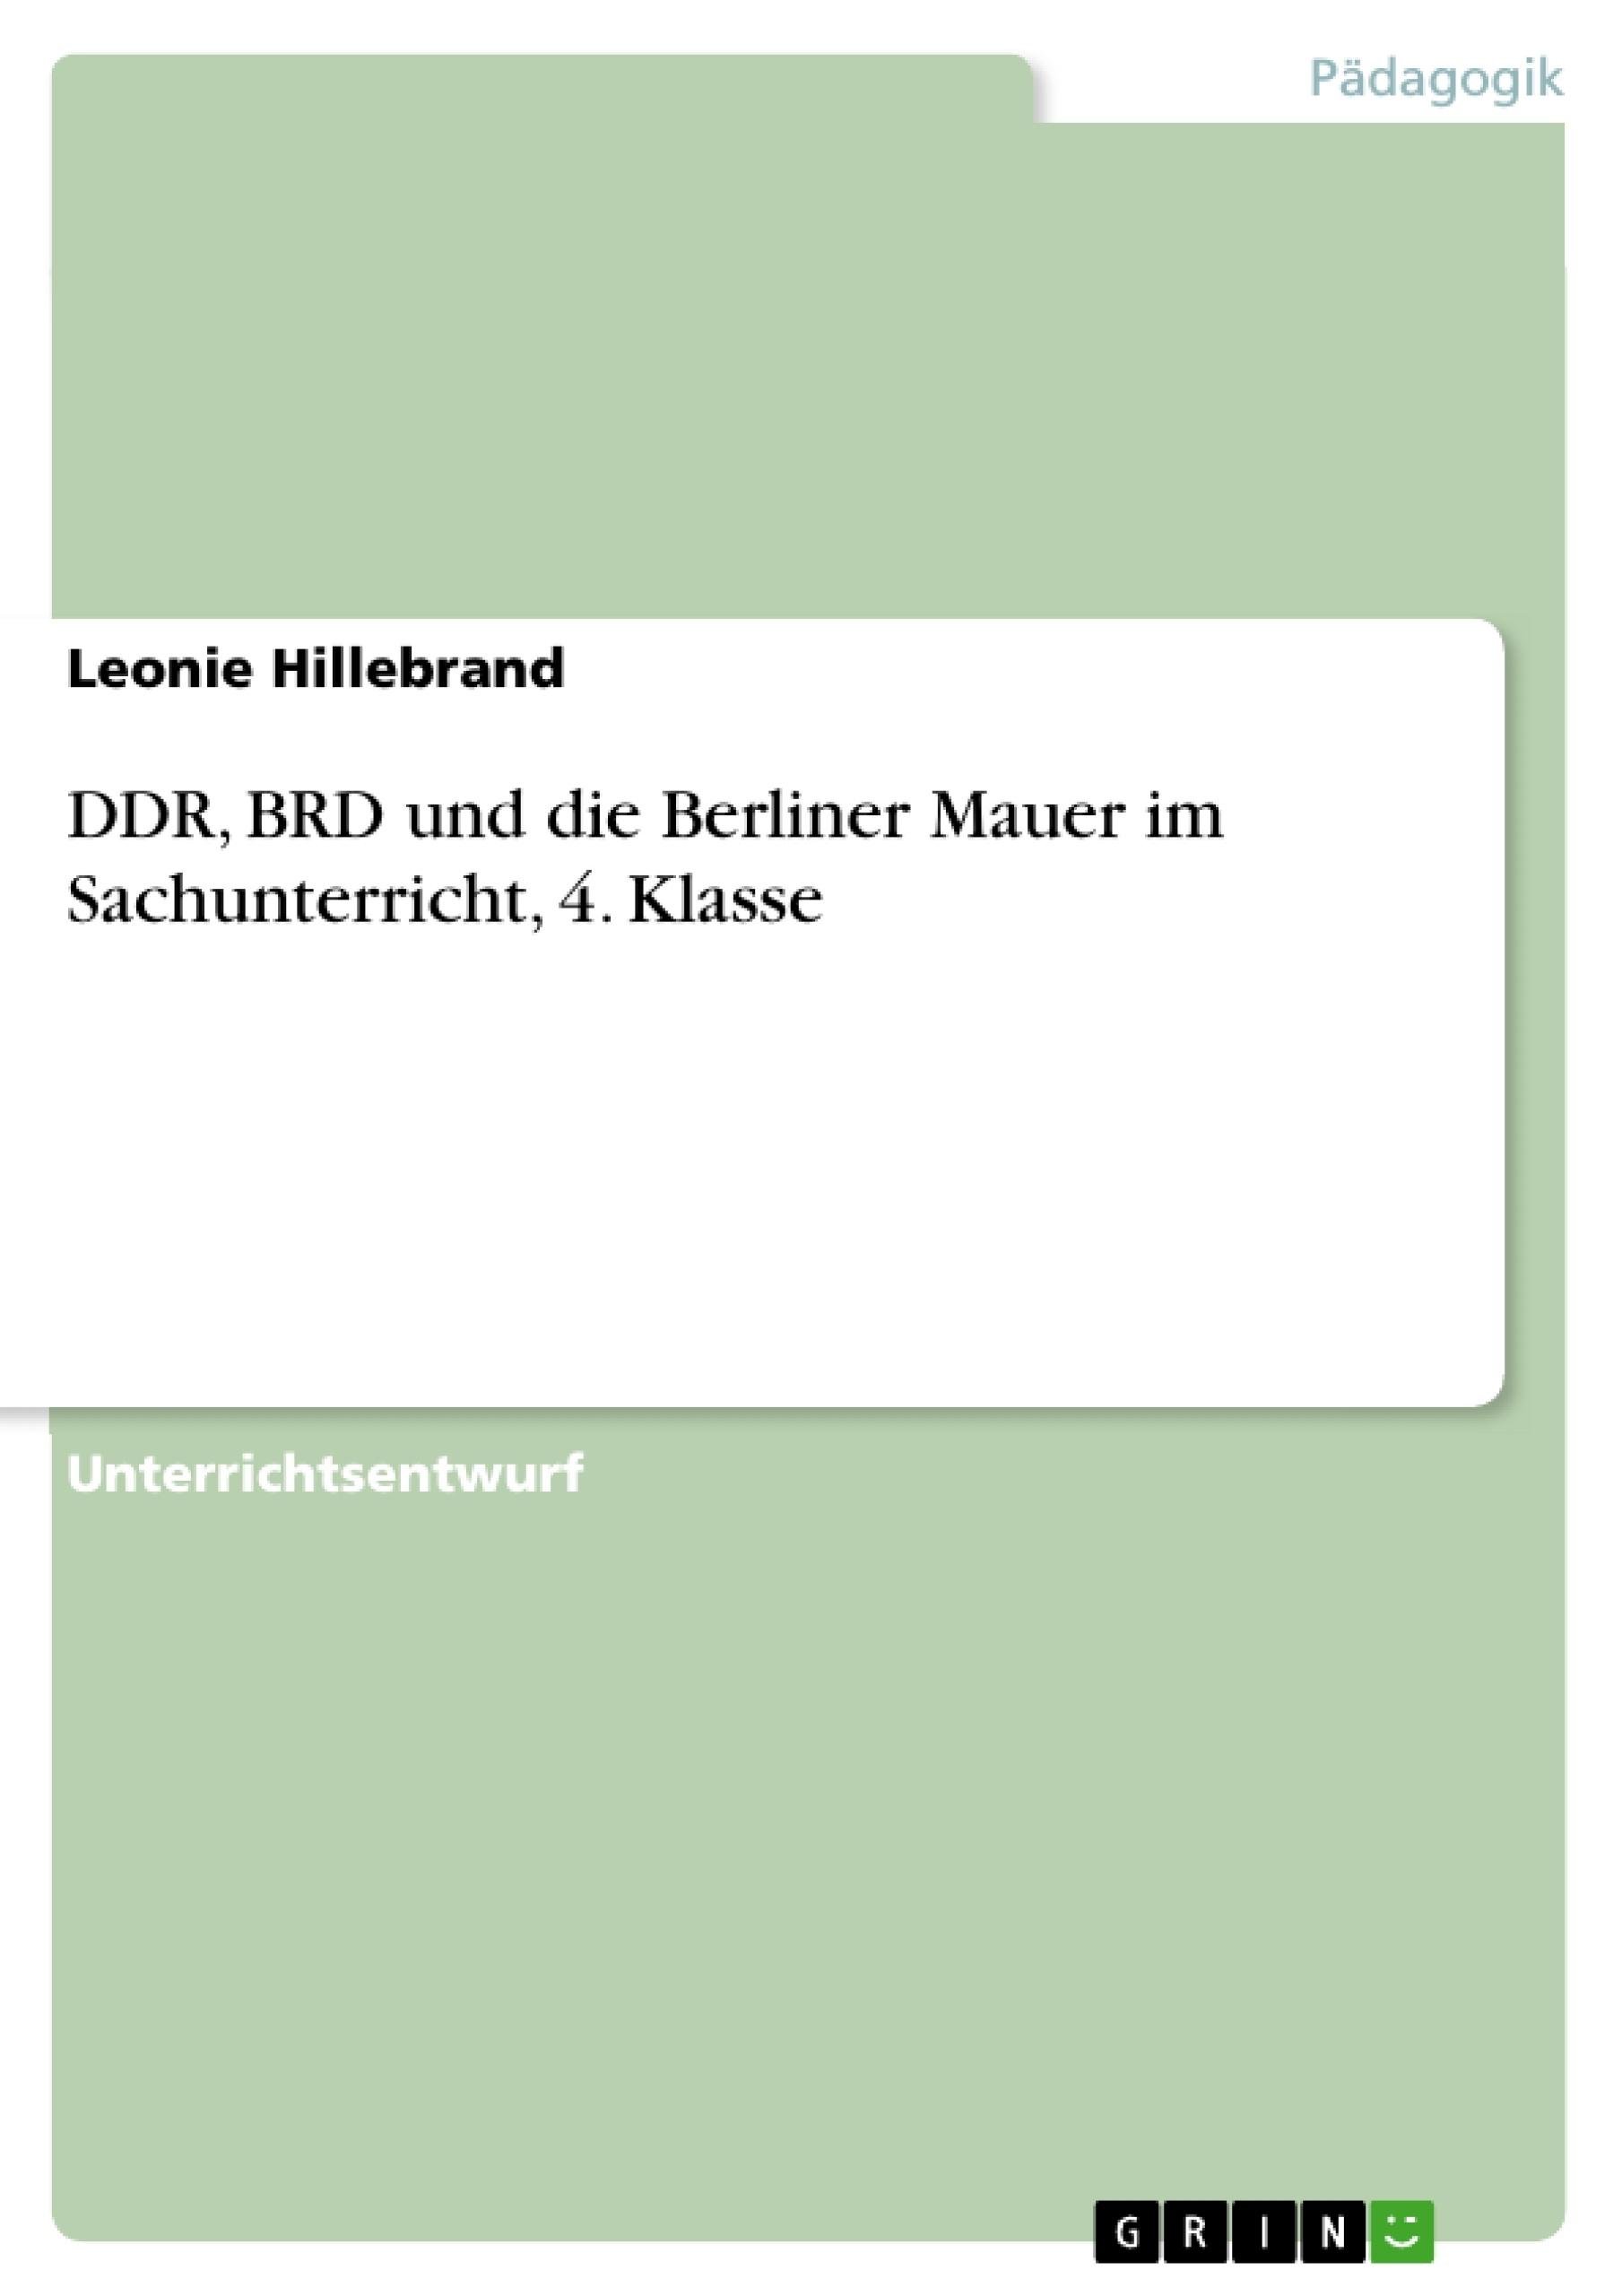 Titel: DDR, BRD und die Berliner Mauer im Sachunterricht, 4. Klasse